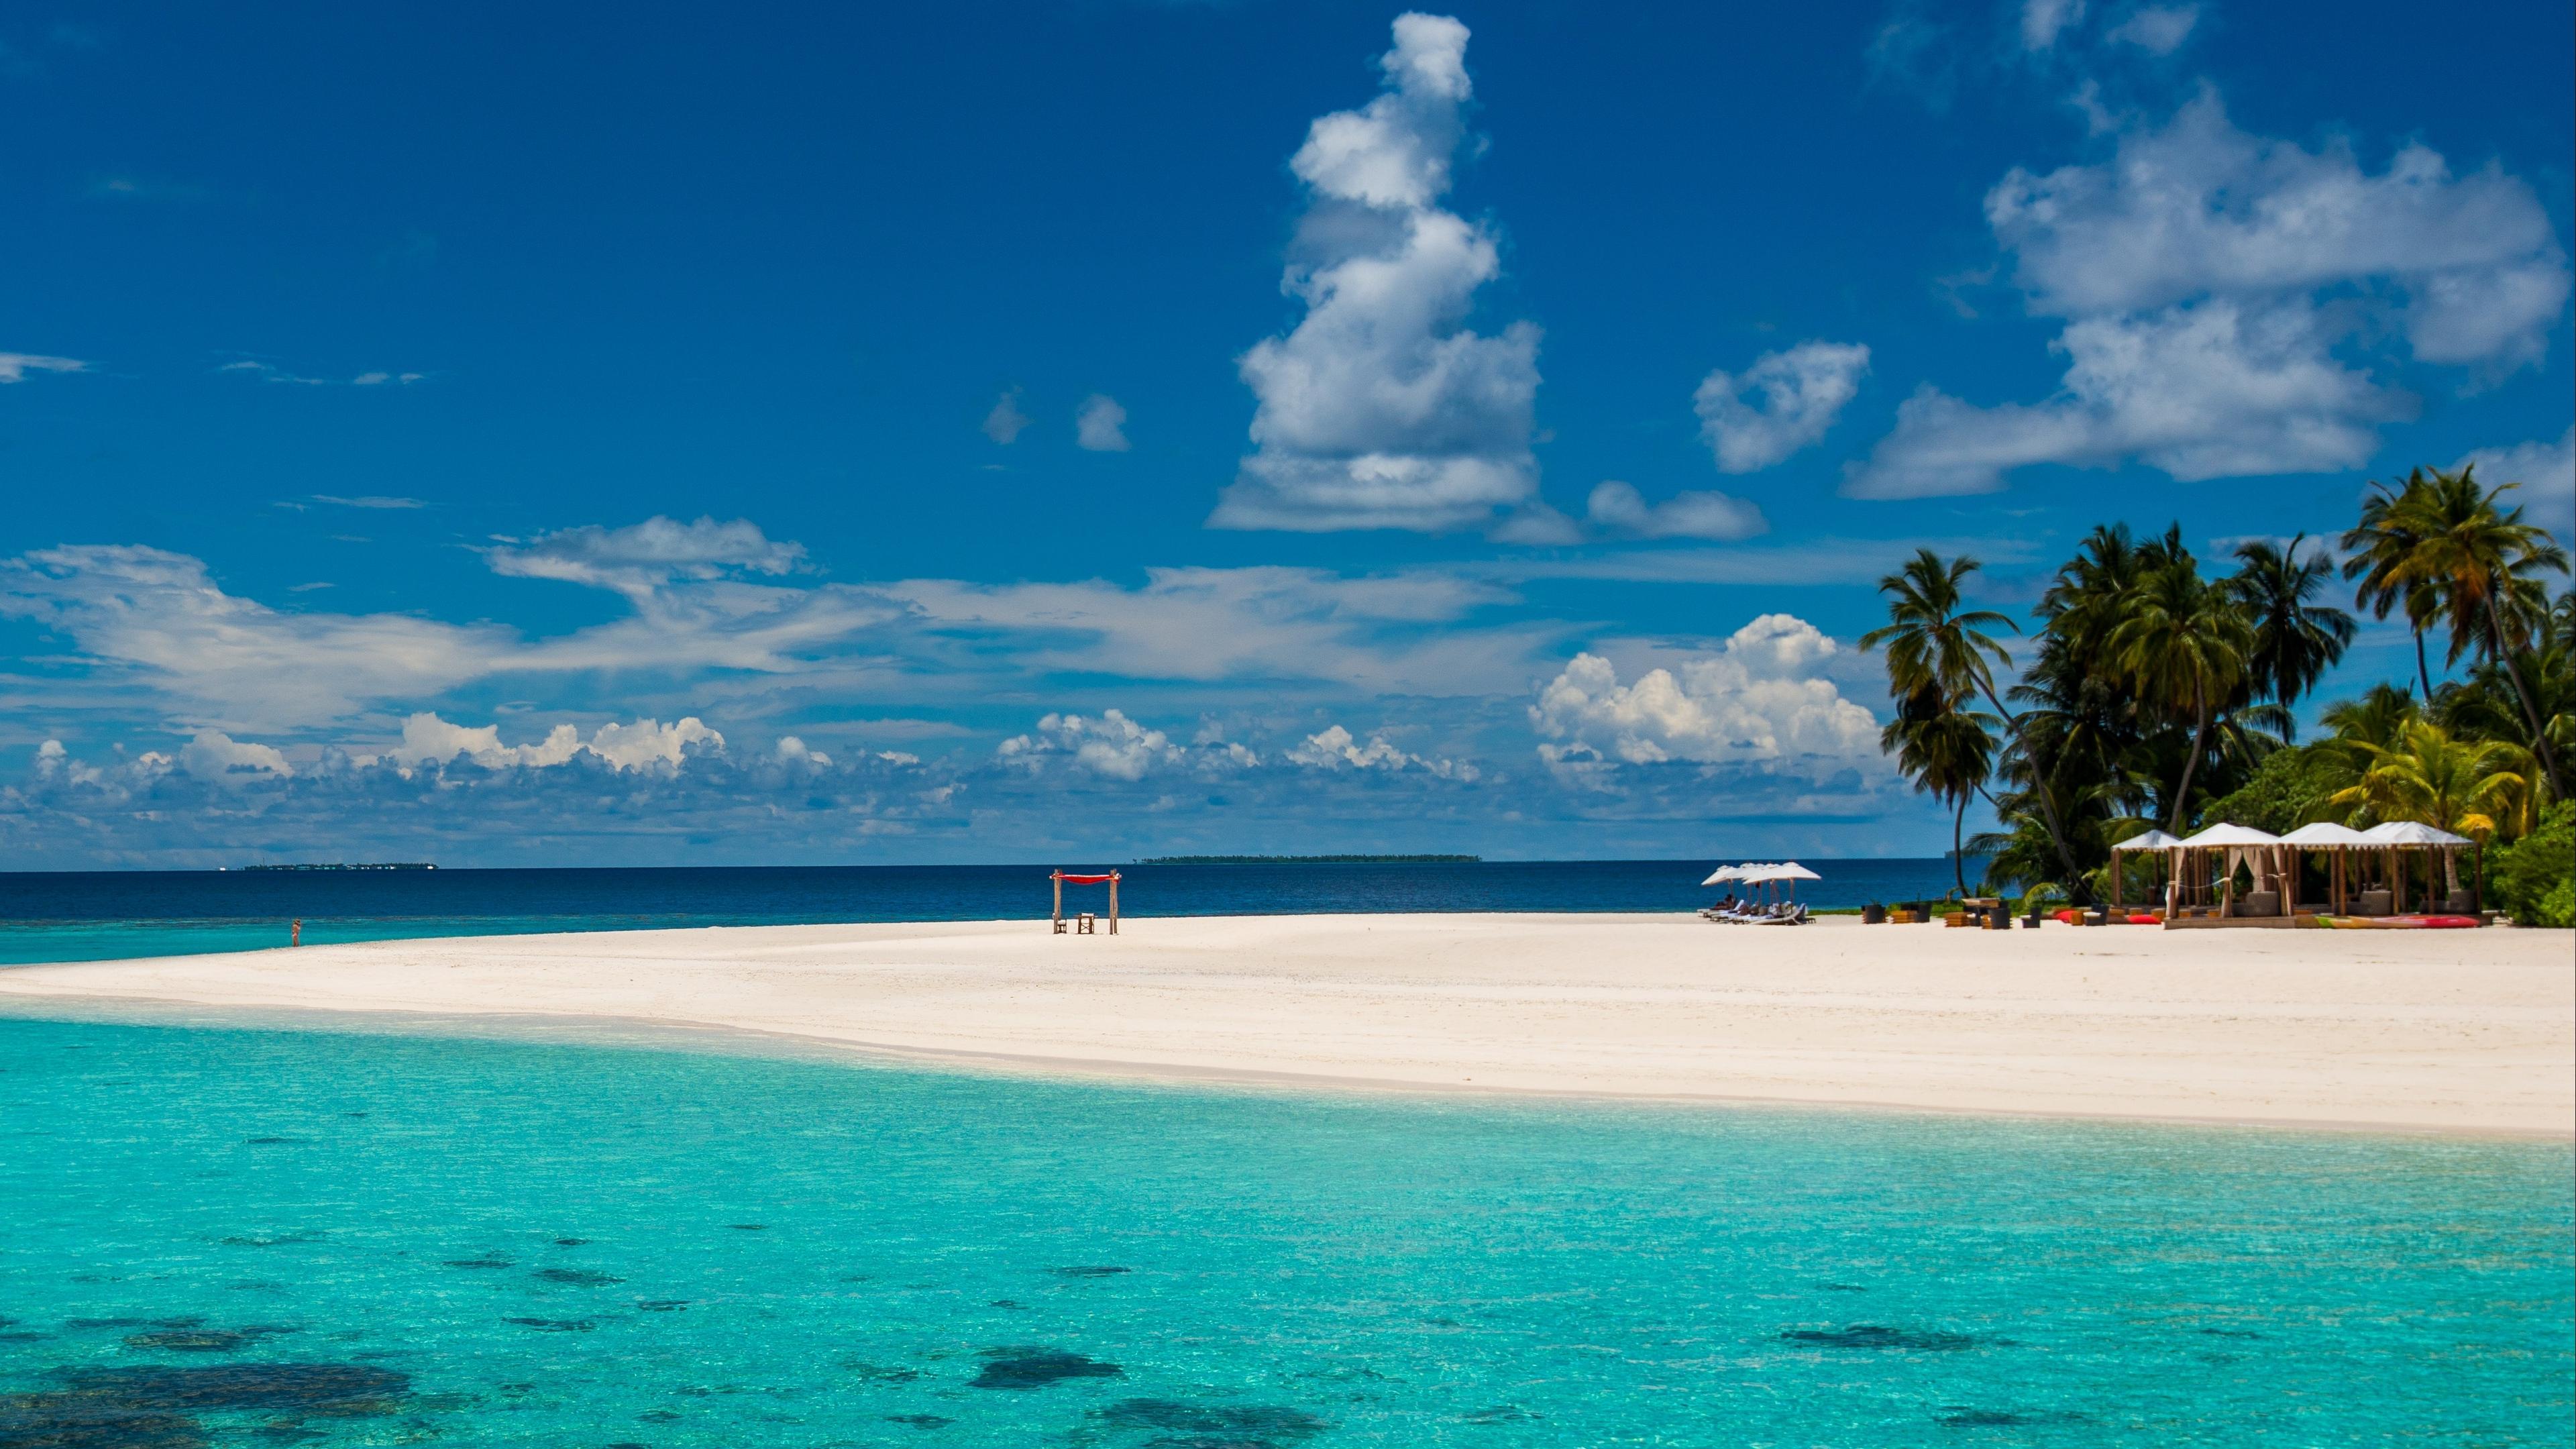 Wallpaper 4k Maldives Tropical Beach 4k Beach Maldives